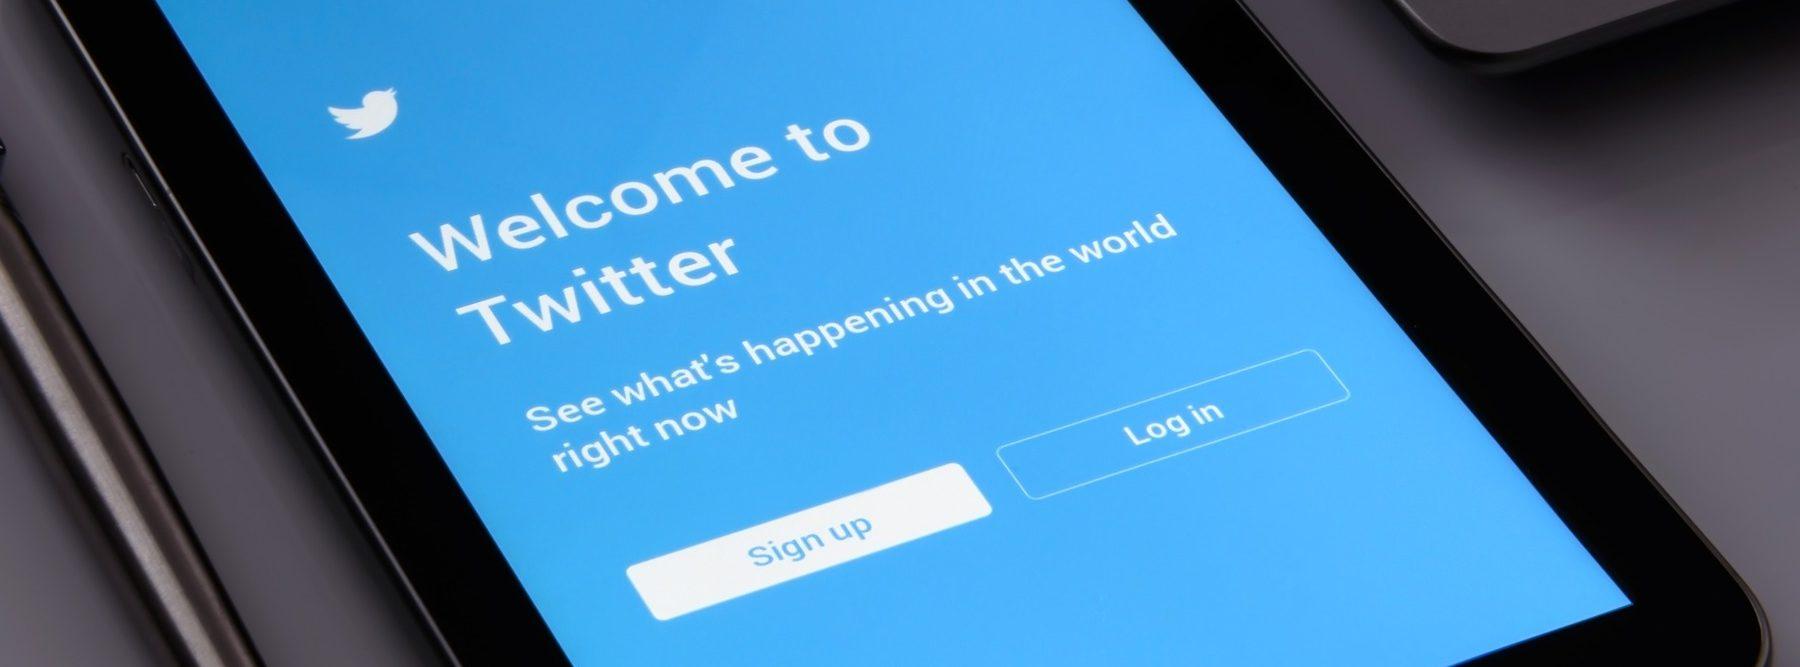 Twitter actualizará la aplicación para mejorar la experiencia en sus conversaciones